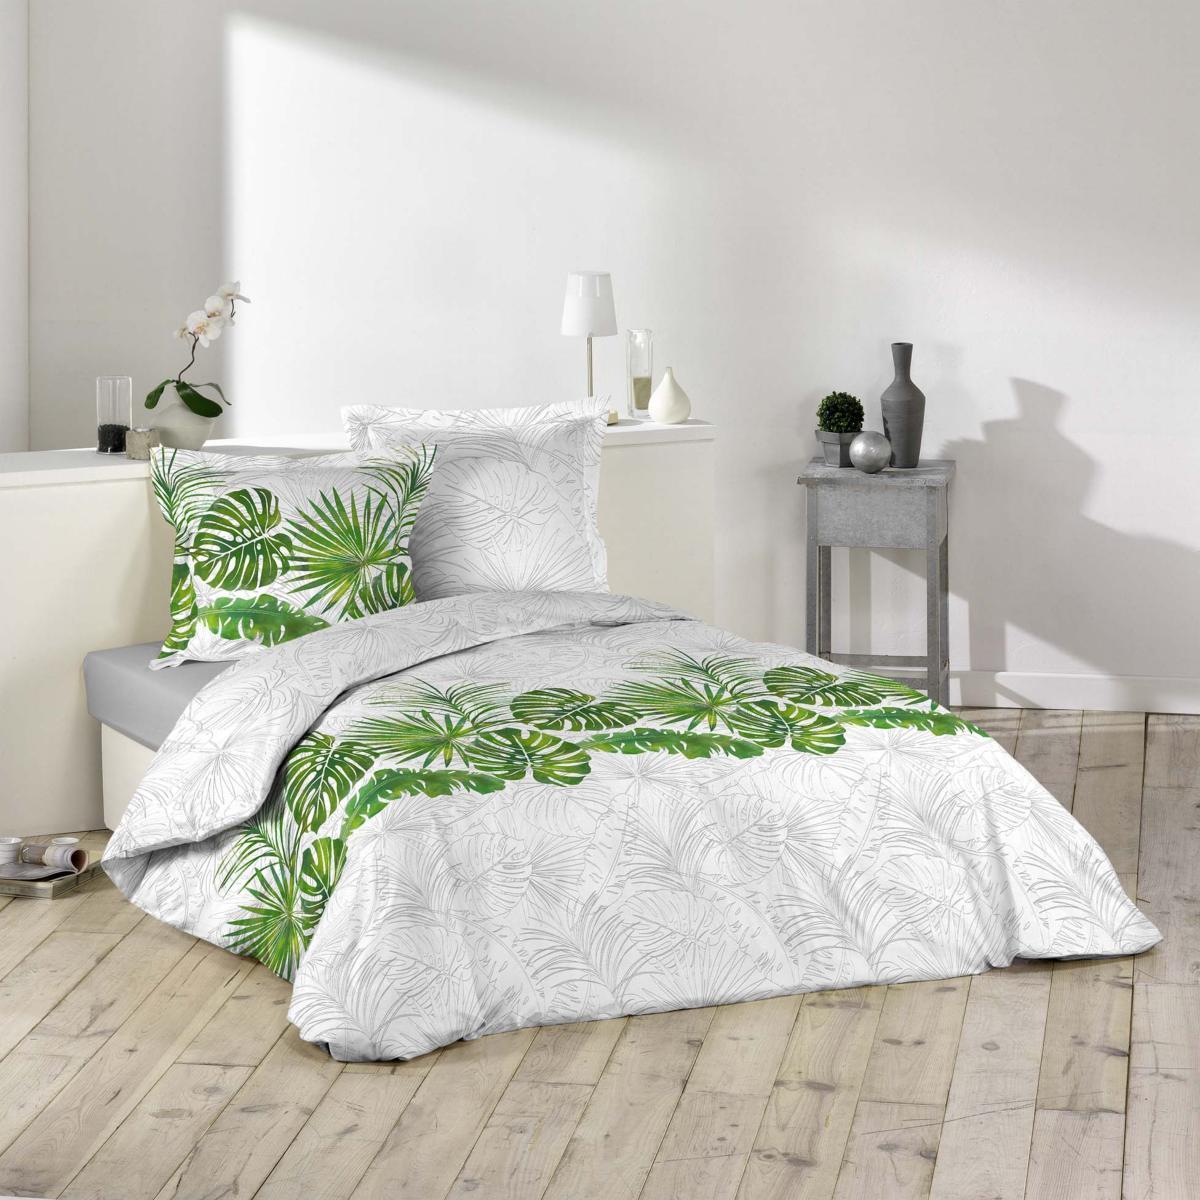 parure housse de couette amazone tropicale vert et blanc 100 coton j k markets. Black Bedroom Furniture Sets. Home Design Ideas